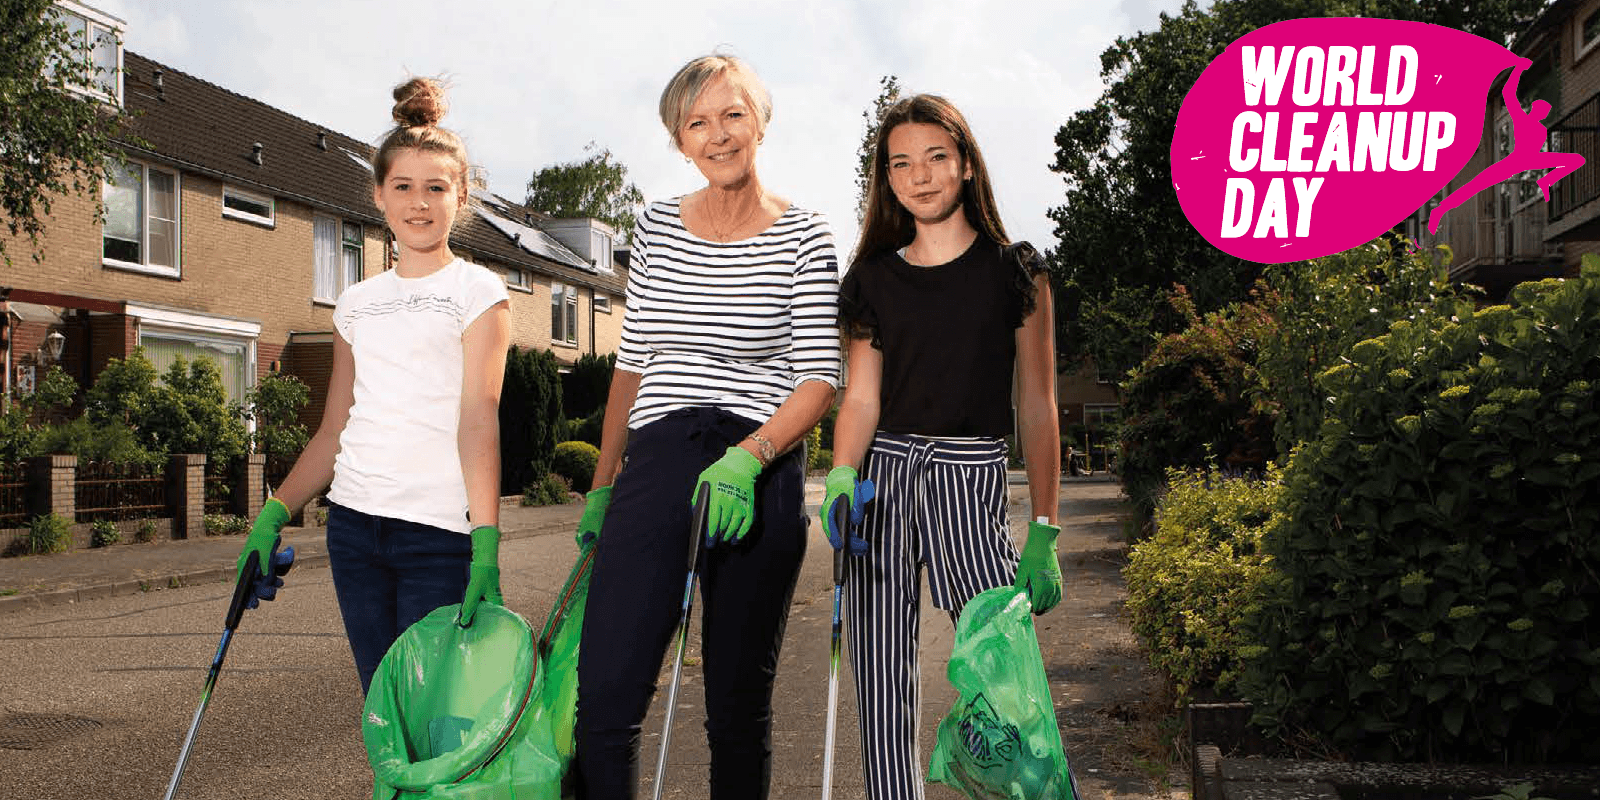 Wereldwijd opschonen begint in je eigen buurt.  18 september World Cleanup Day. Doe jij ook mee?